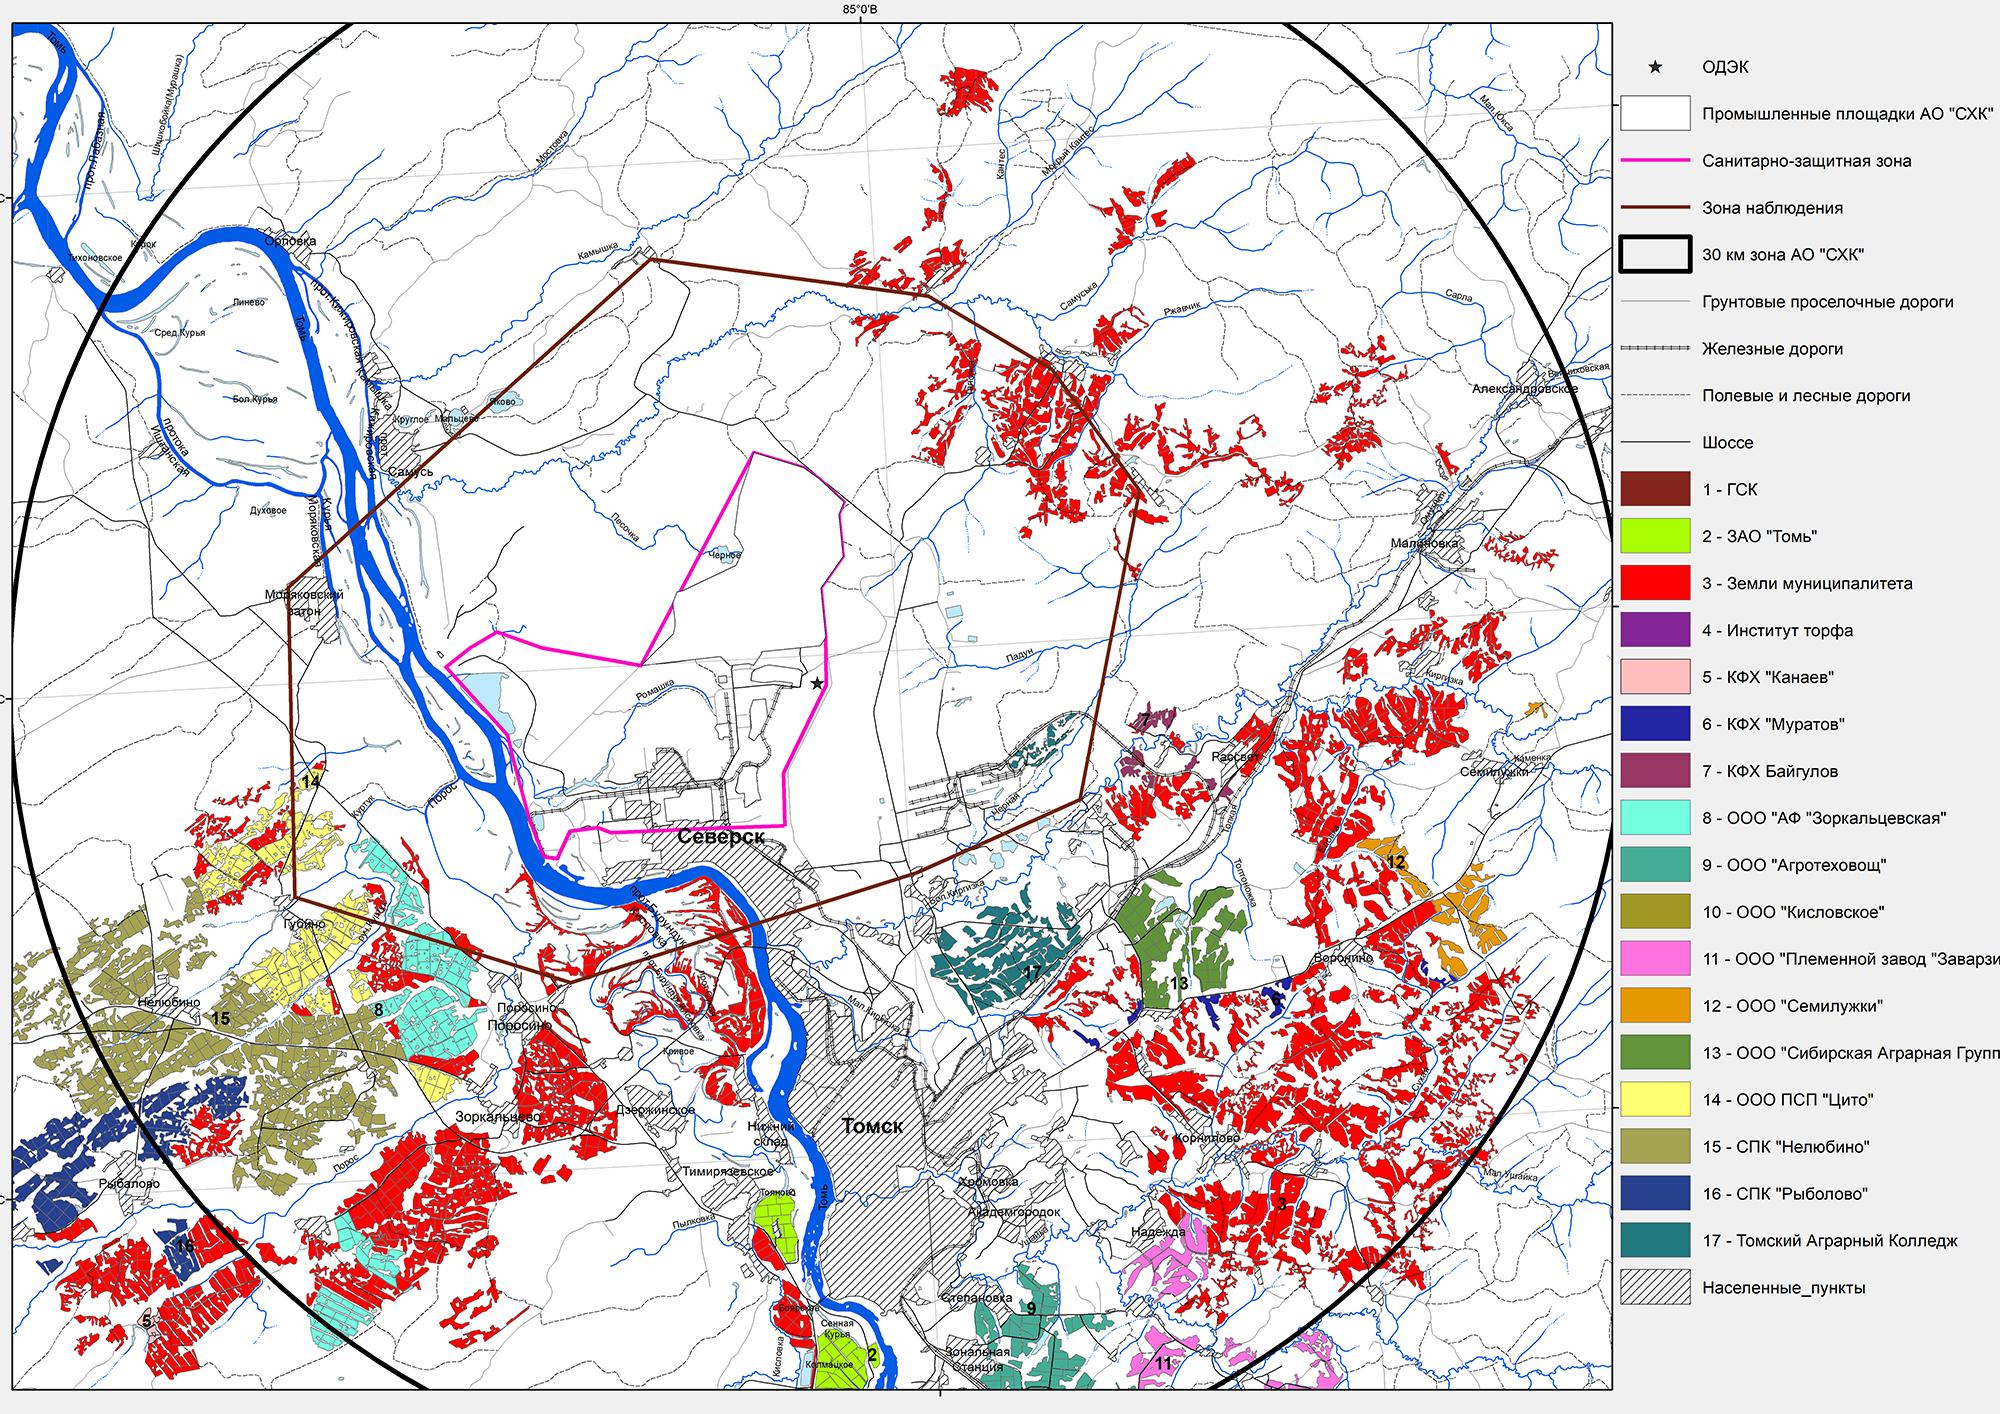 Сельхозпредприятия в 30-ти км зоне АО «СХК»